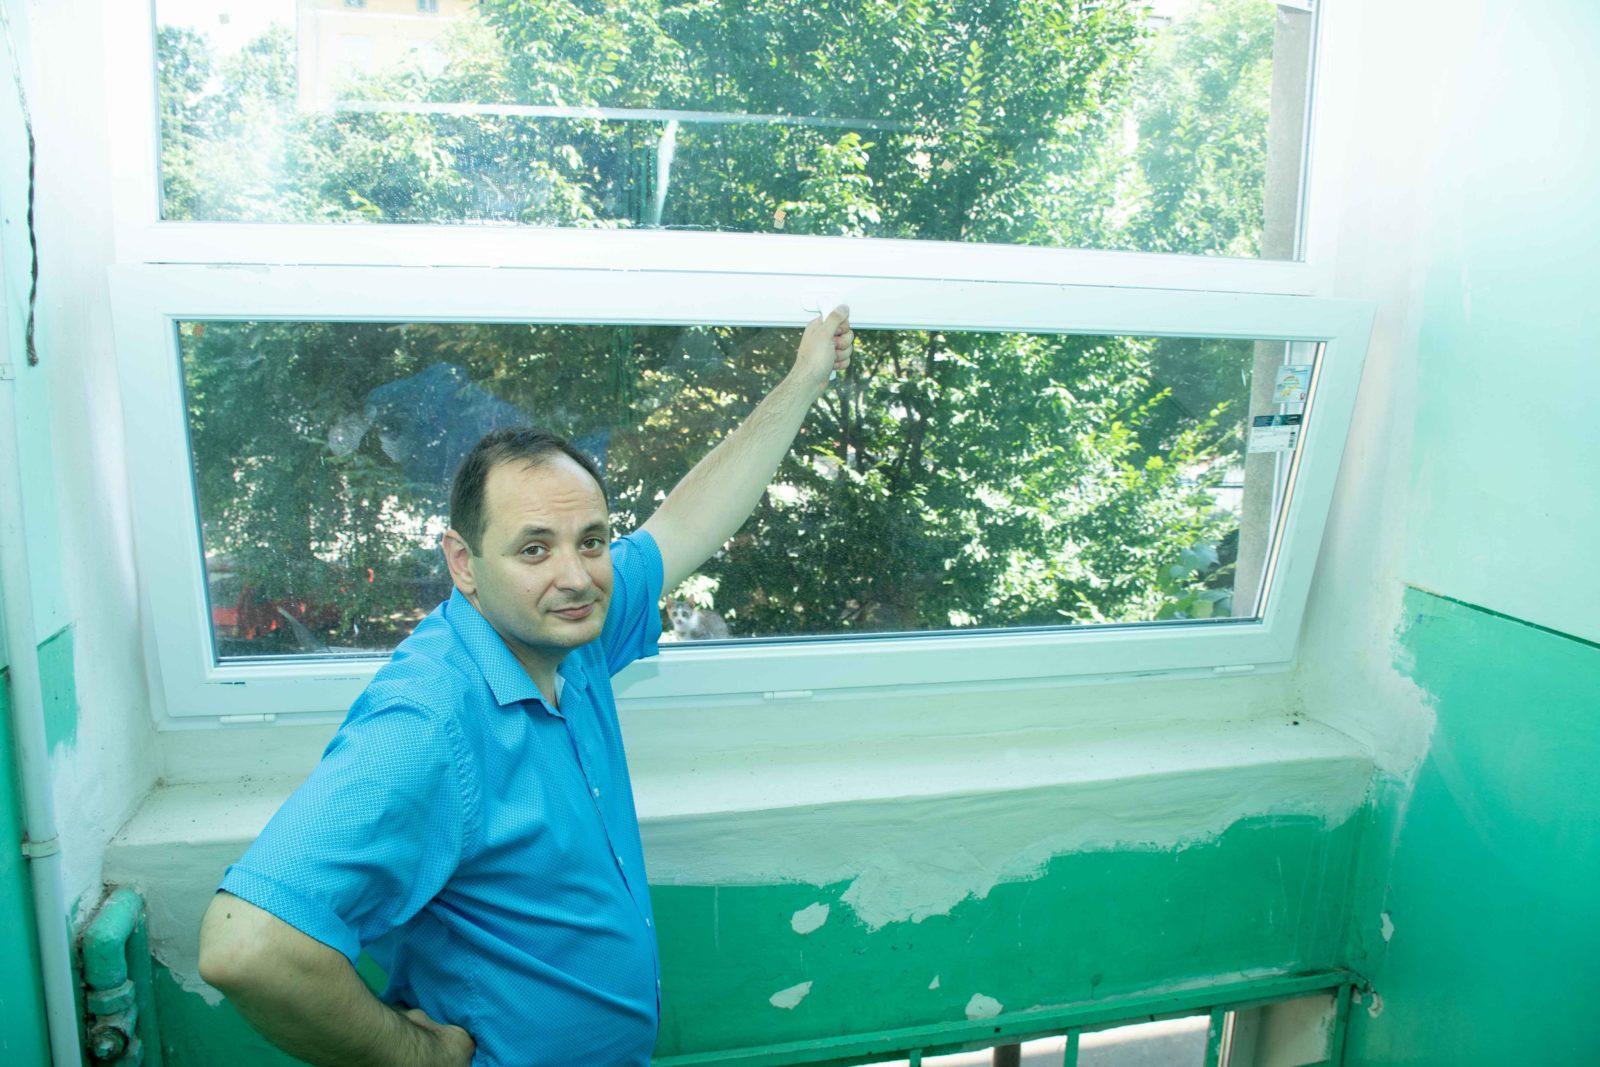 У трьох багатоквартирних будинках у Франківську замінюють вікна за програмою співфінансування 10